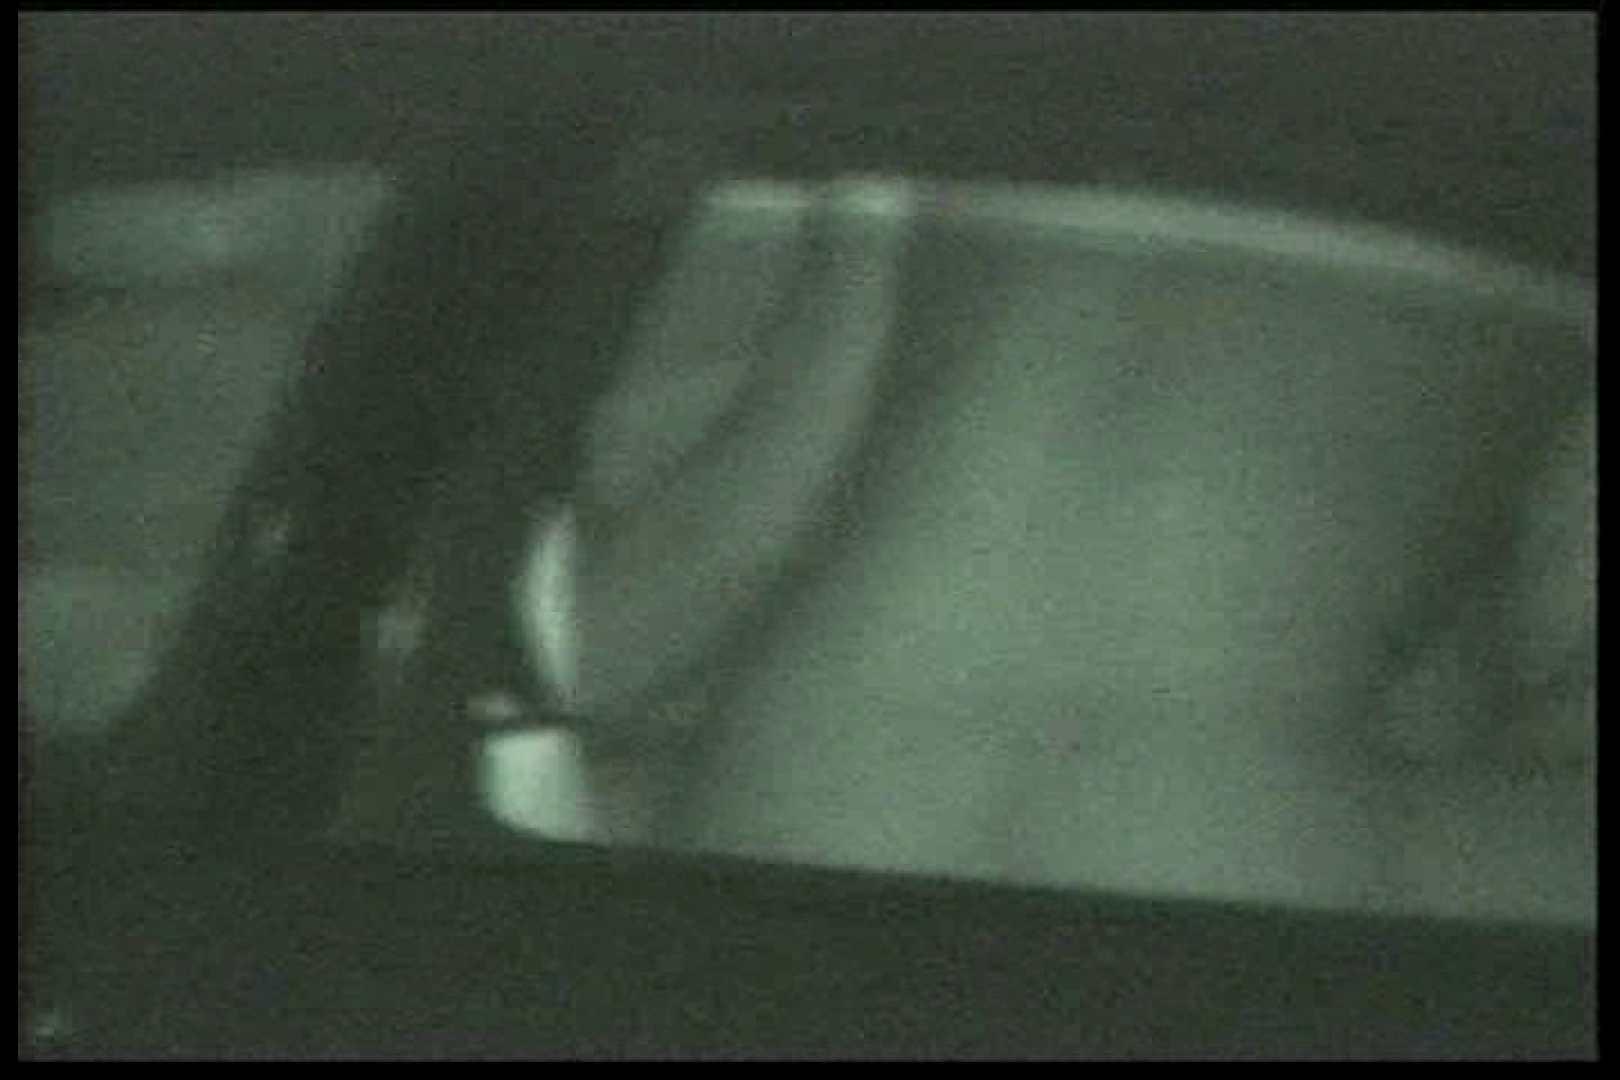 車の中はラブホテル 無修正版  Vol.15 ホテルでエッチ  89pic 21